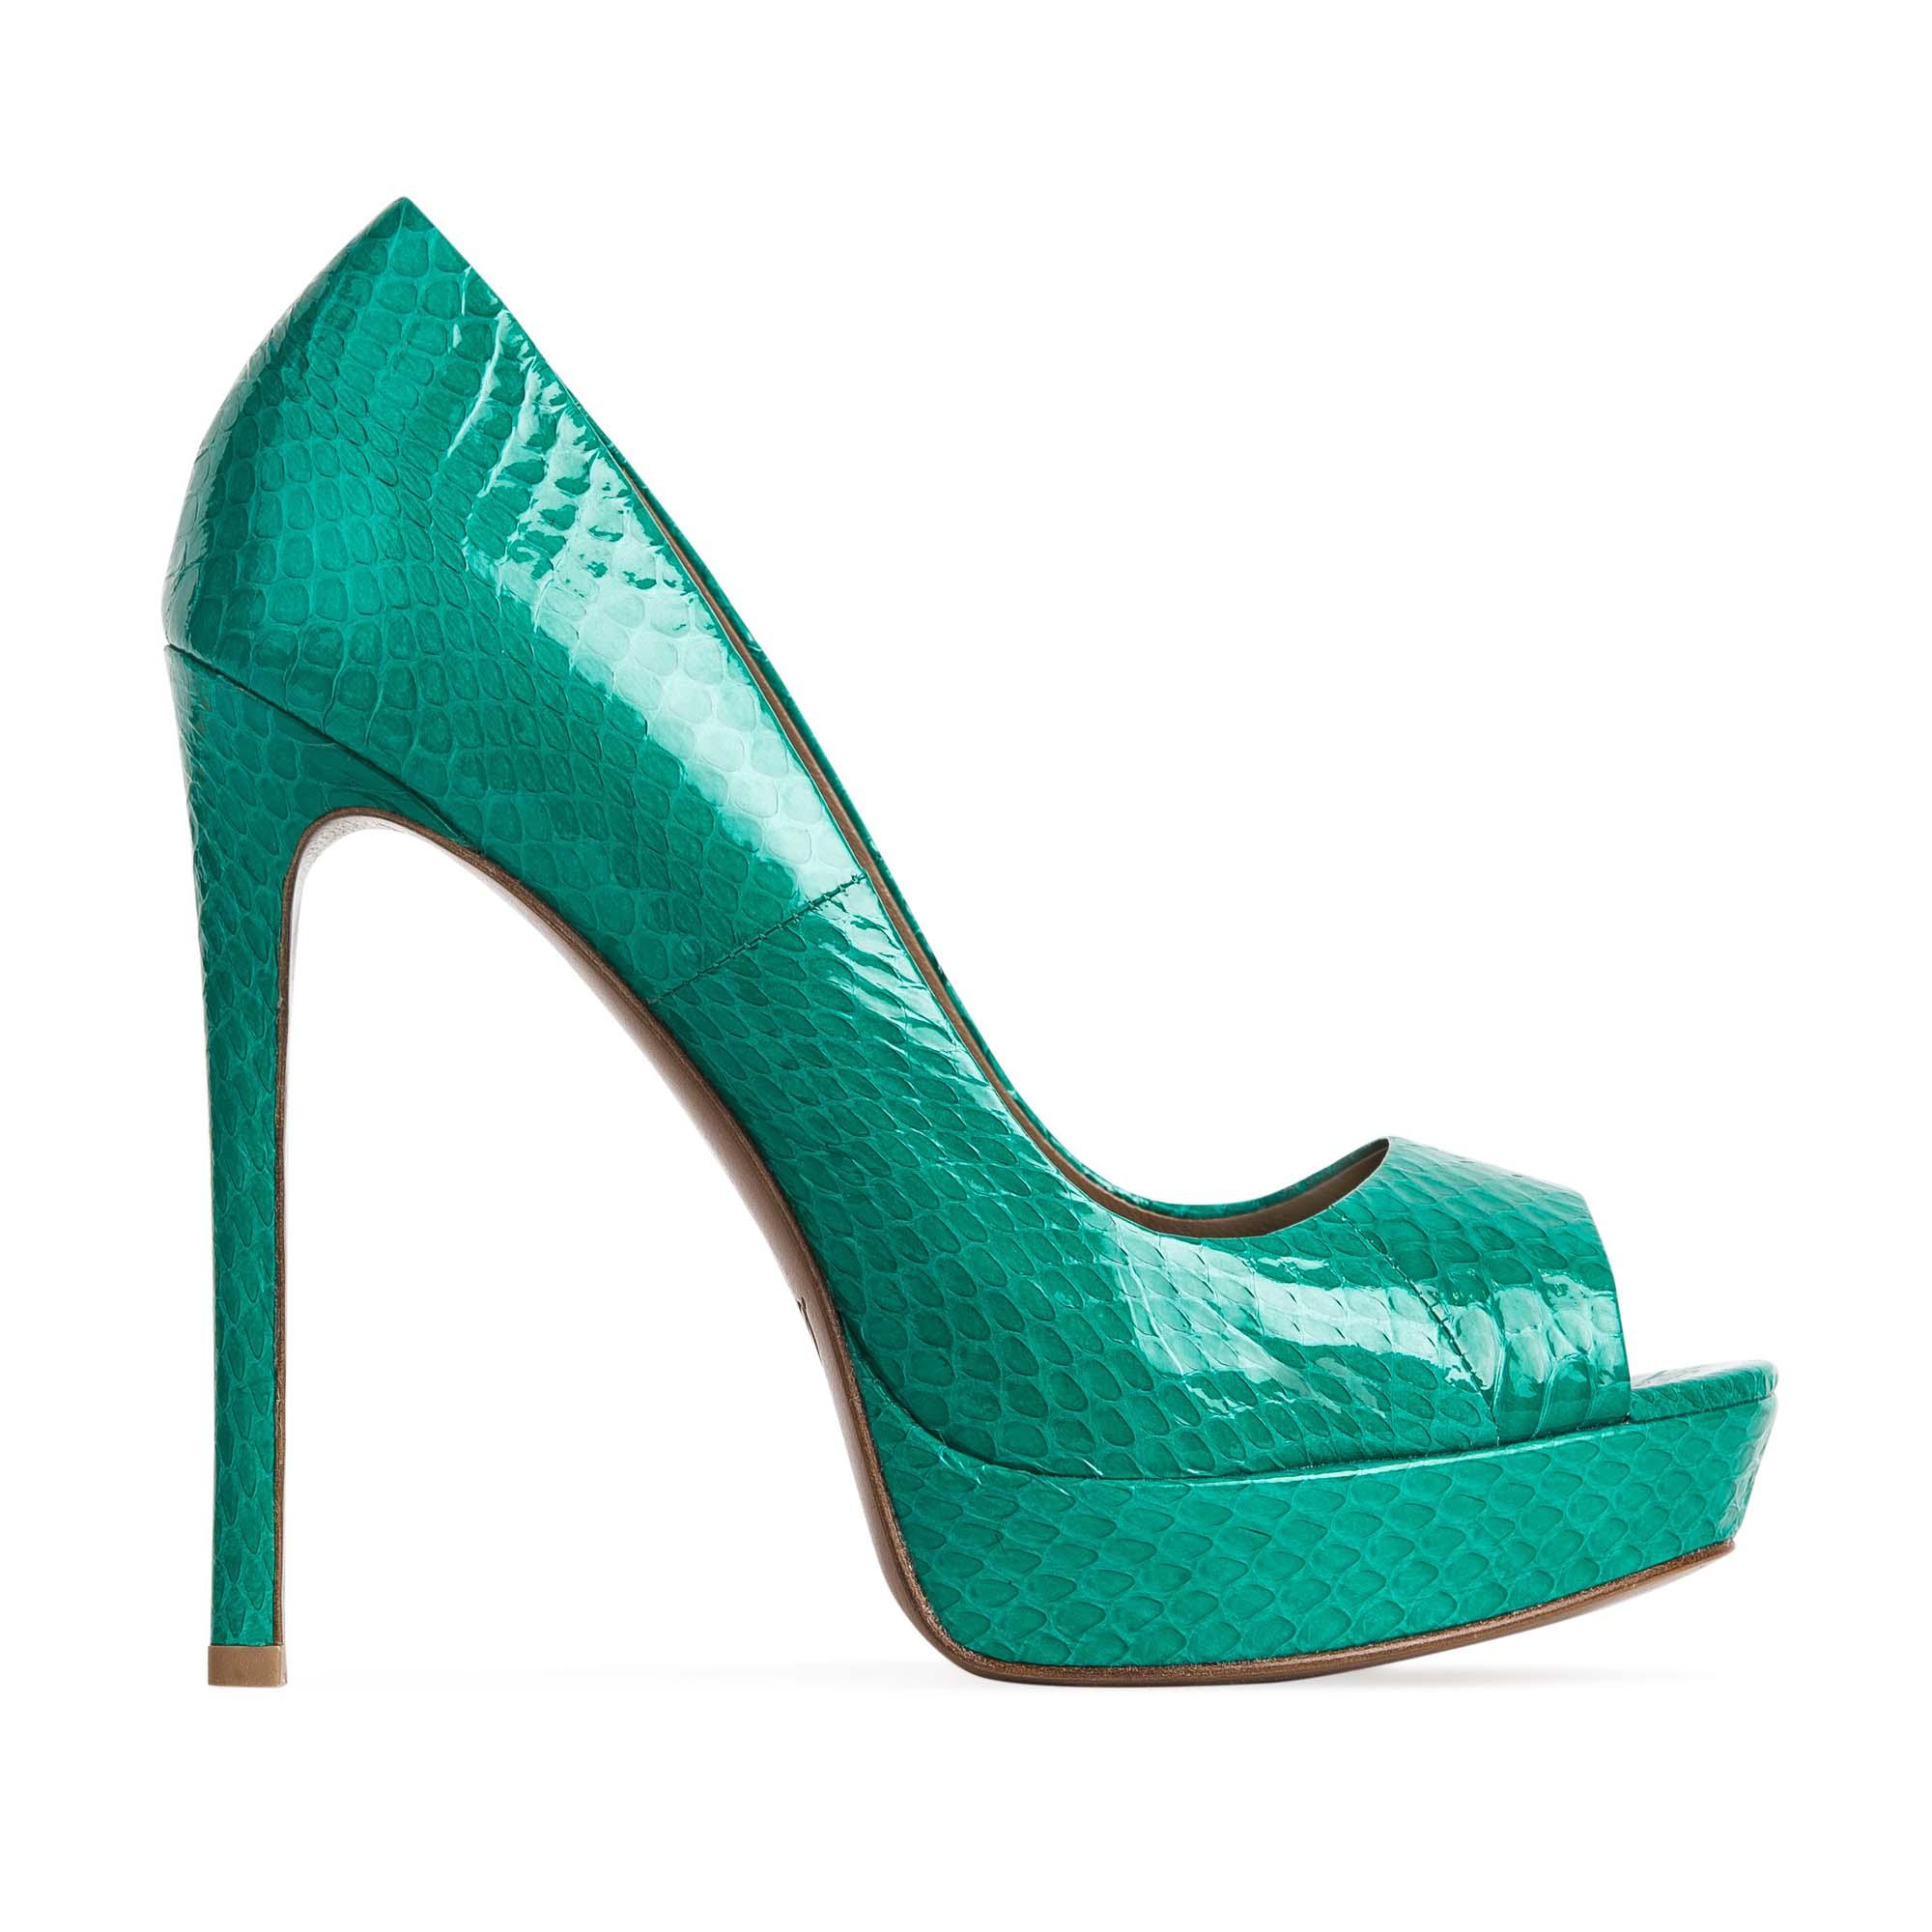 Туфли из кожи змеи бирюзового цвета на высоком каблукеТуфли женские<br><br>Материал верха: Кожа змеи<br>Материал подкладки: Кожа<br>Материал подошвы: Кожа<br>Цвет: Зеленый<br>Высота каблука: 13 см<br>Дизайн: Италия<br>Страна производства: Китай<br><br>Обратите внимание: модель, представленная в последнем<br>размере, может иметь незначительные изъяны (неглубокие царапины,<br>потертости, легкое выцветание, повреждения упаковки).<br><br>Высота каблука: 13 см<br>Материал верха: Кожа змеи<br>Материал подошвы: Кожа<br>Материал подкладки: Кожа<br>Цвет: Зеленый<br>Пол: Женский<br>Вес кг: 0.54200000<br>Размер обуви: 40